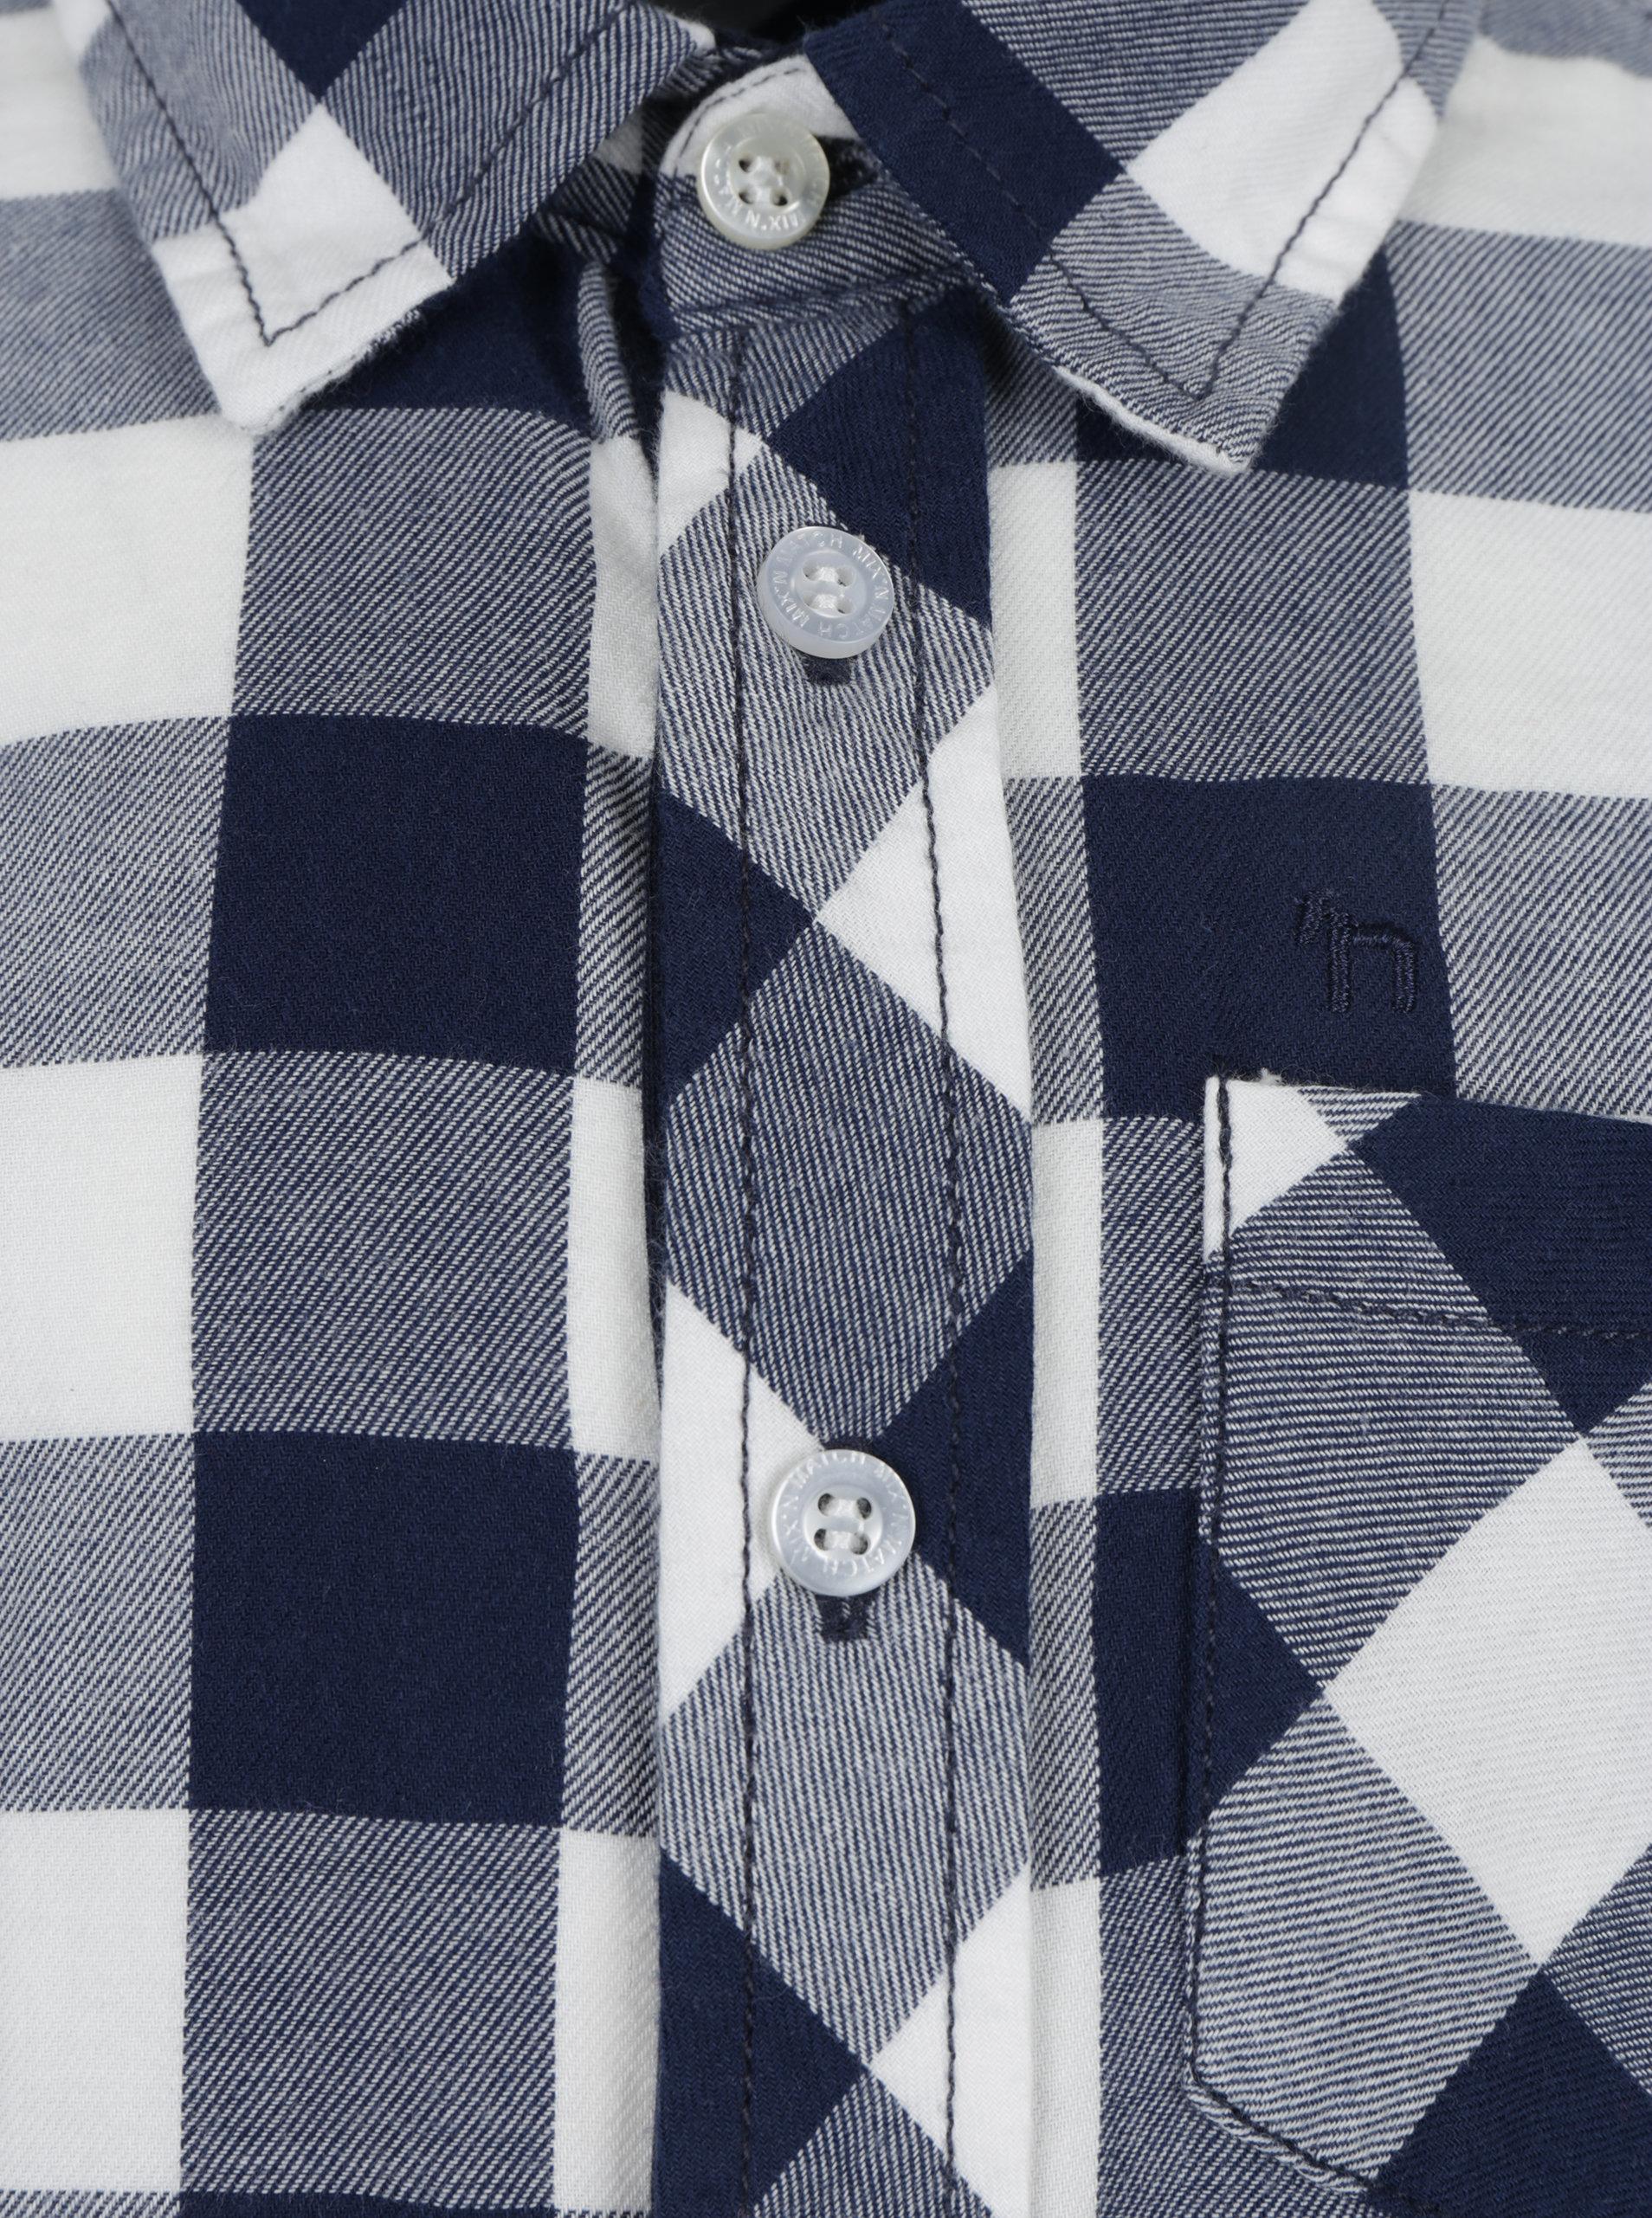 da3a24b11f0f Modrá chlapčenská kockovaná košeľa s vreckom Mix´n Match ...